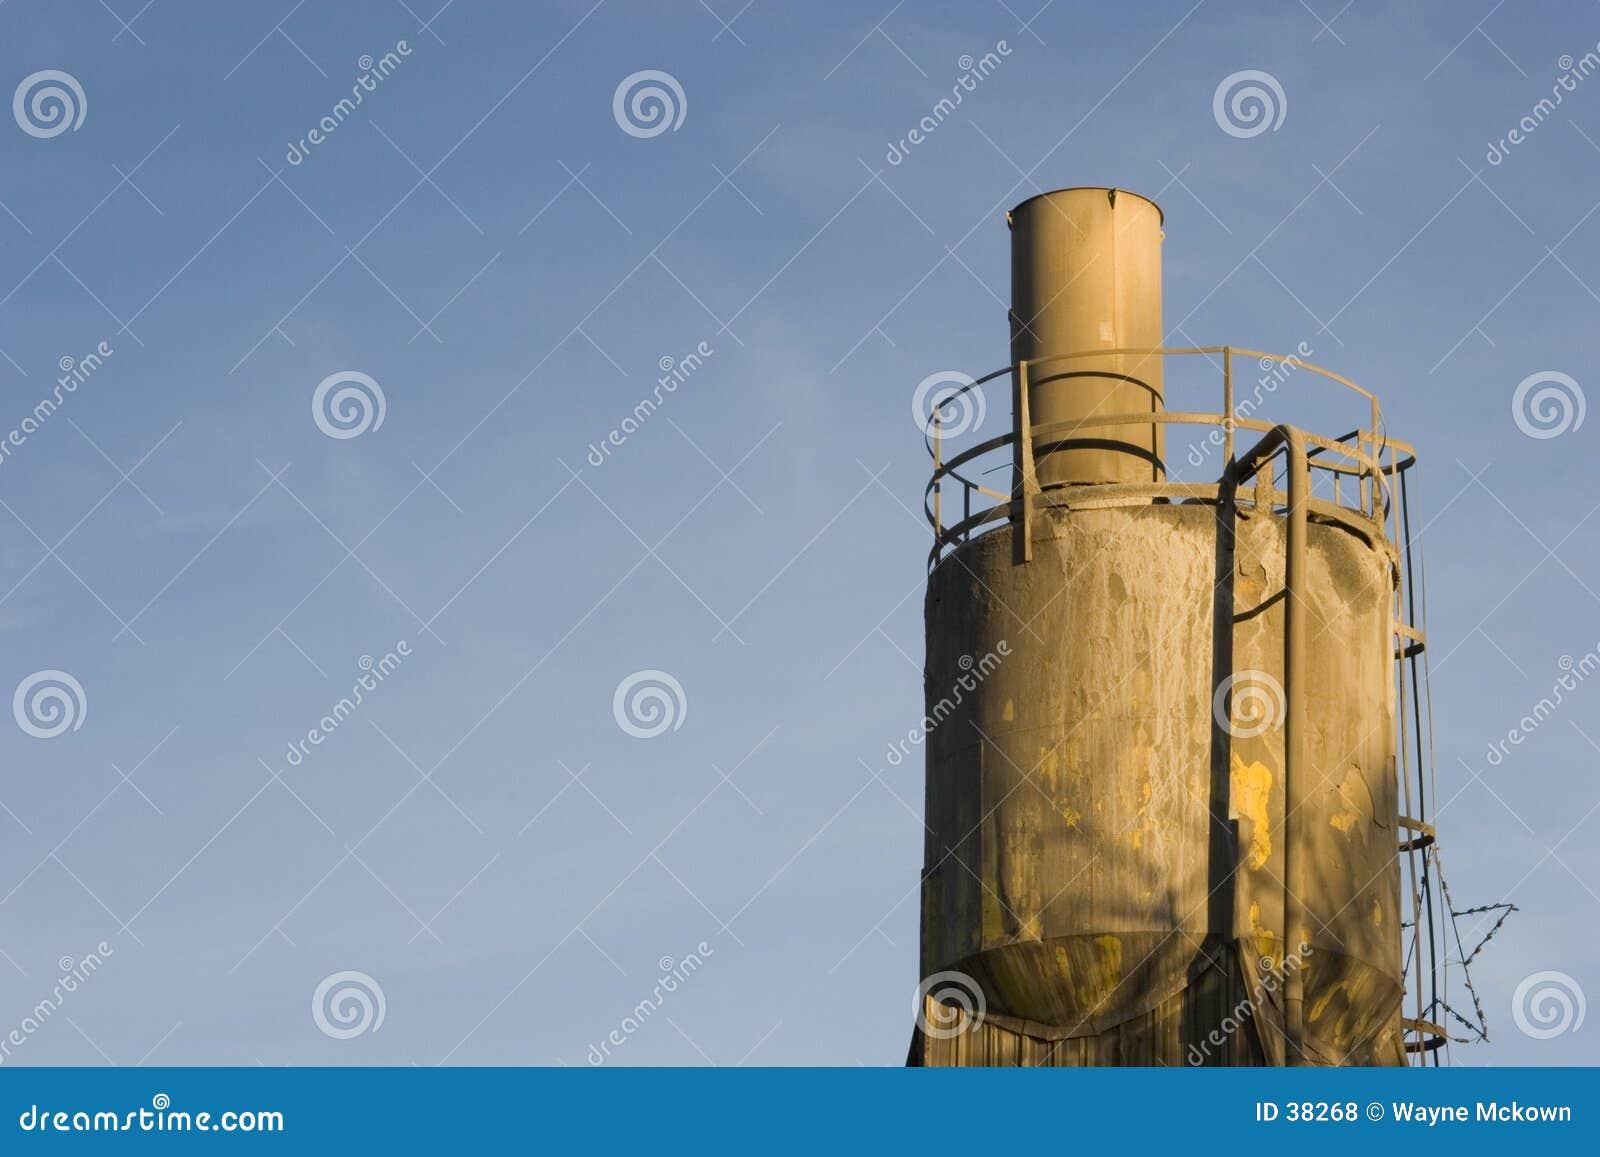 De vultrechter van de de installatieLading van het cement.